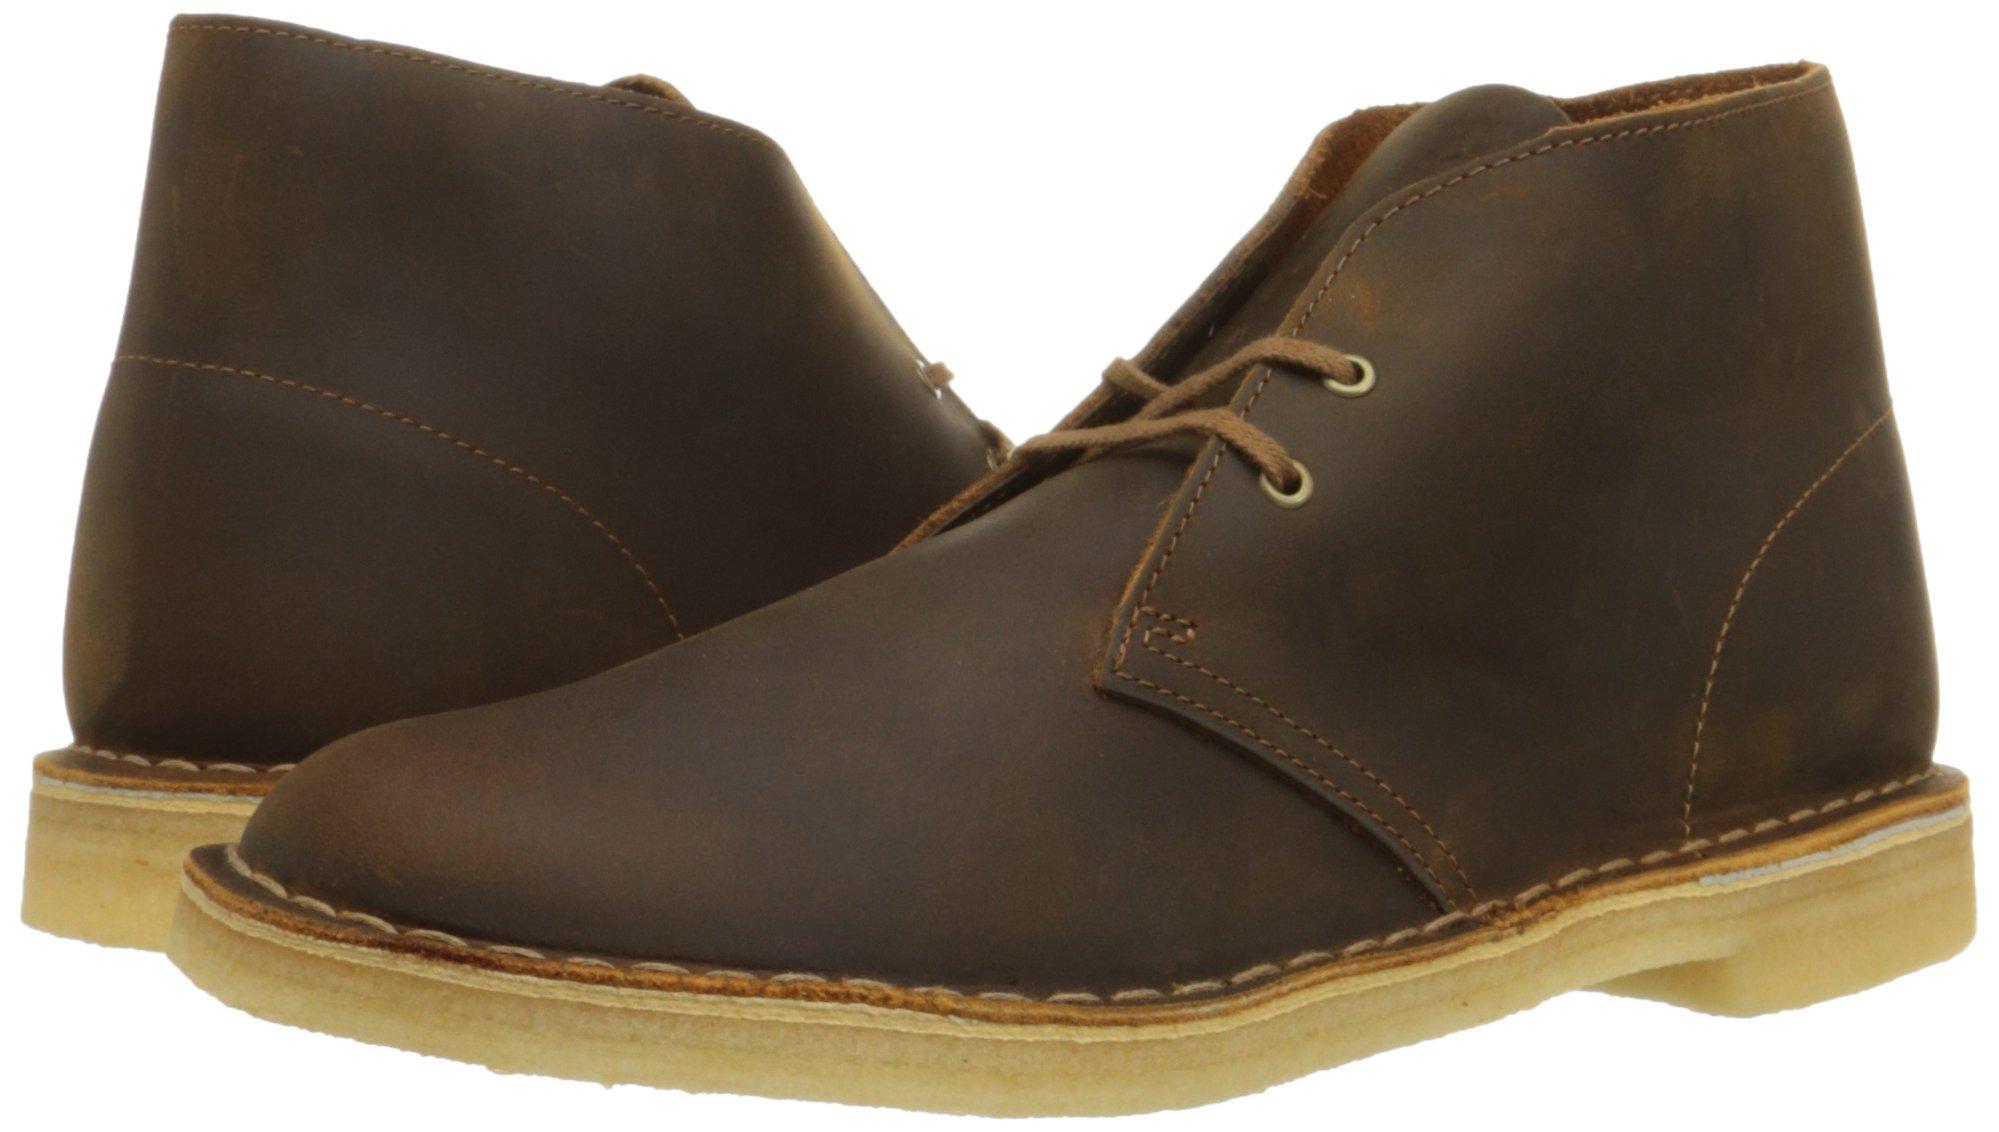 Clarks Originals Men's Desert Boot,Beeswax,9.5 M US by CLARKS (Image #6)